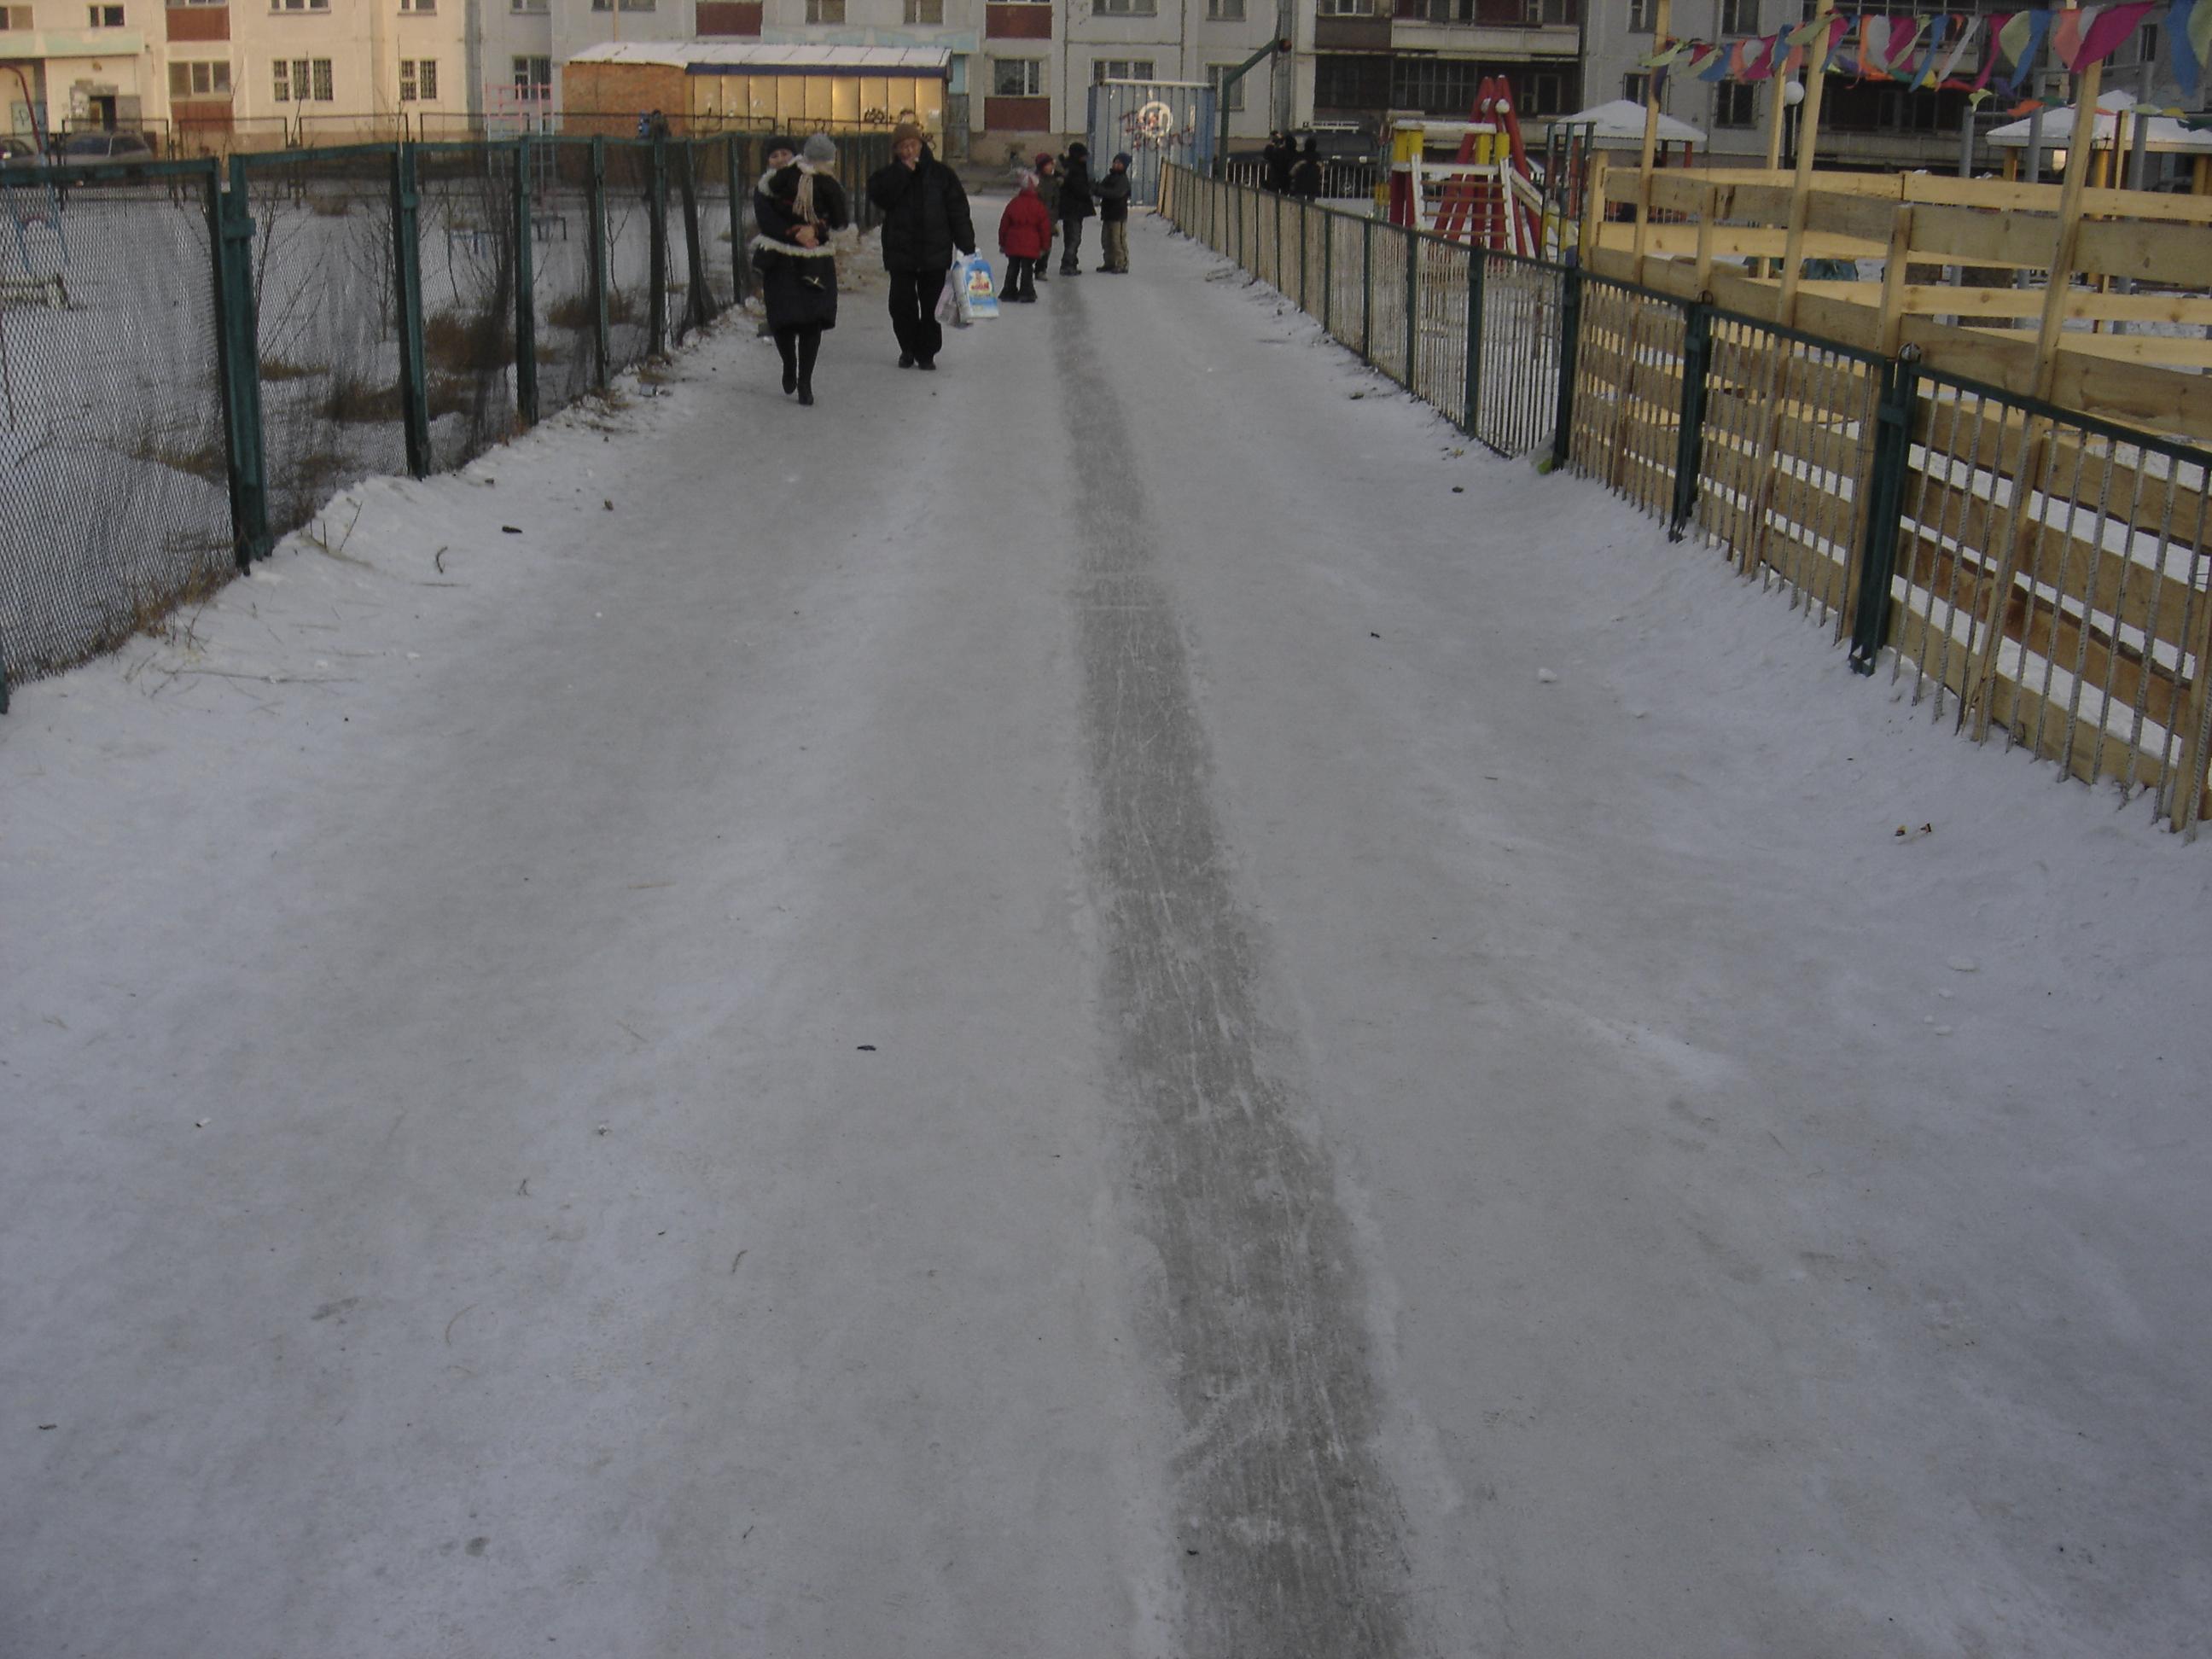 Ulaanbaatar sidewalk